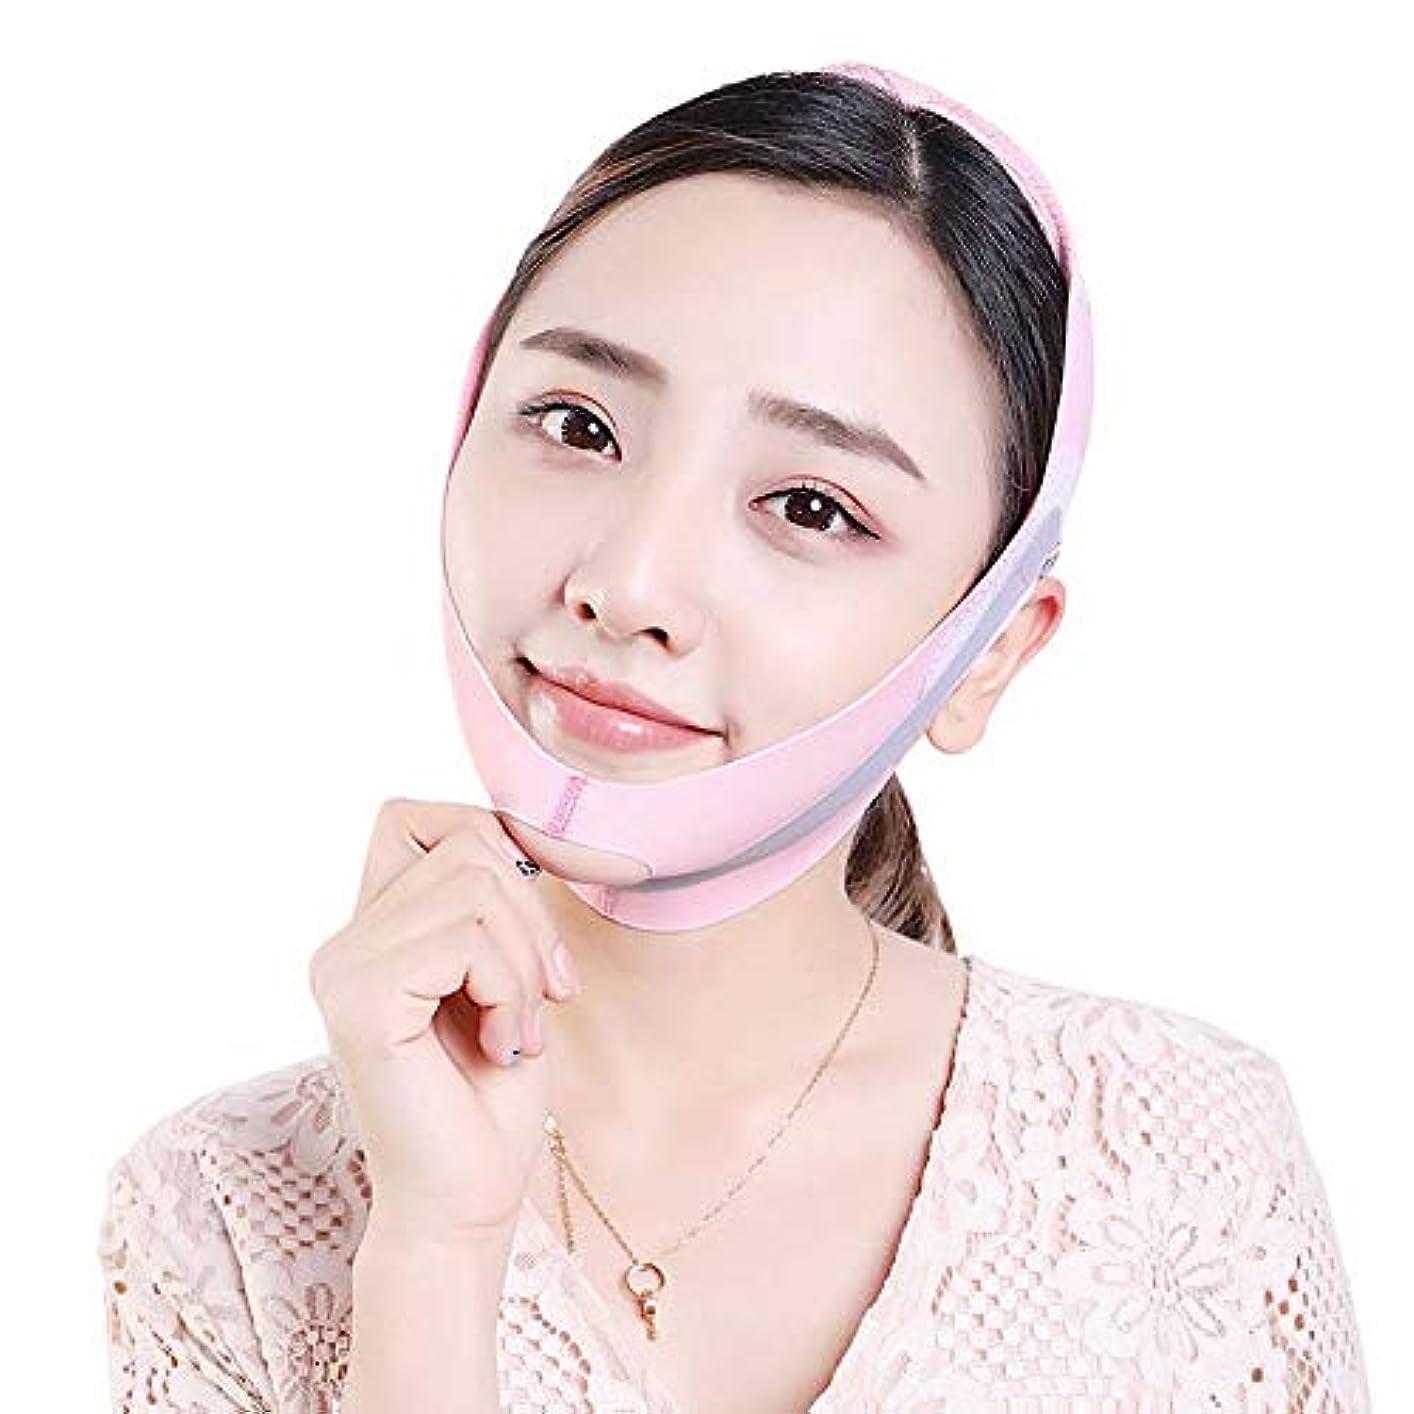 傀儡コンピューター傀儡GYZ たるみを防ぐために顔を持ち上げるために筋肉を引き締めるために二重あごのステッカーとラインを削除するために、顔を持ち上げるアーティファクト包帯があります - ピンク Thin Face Belt